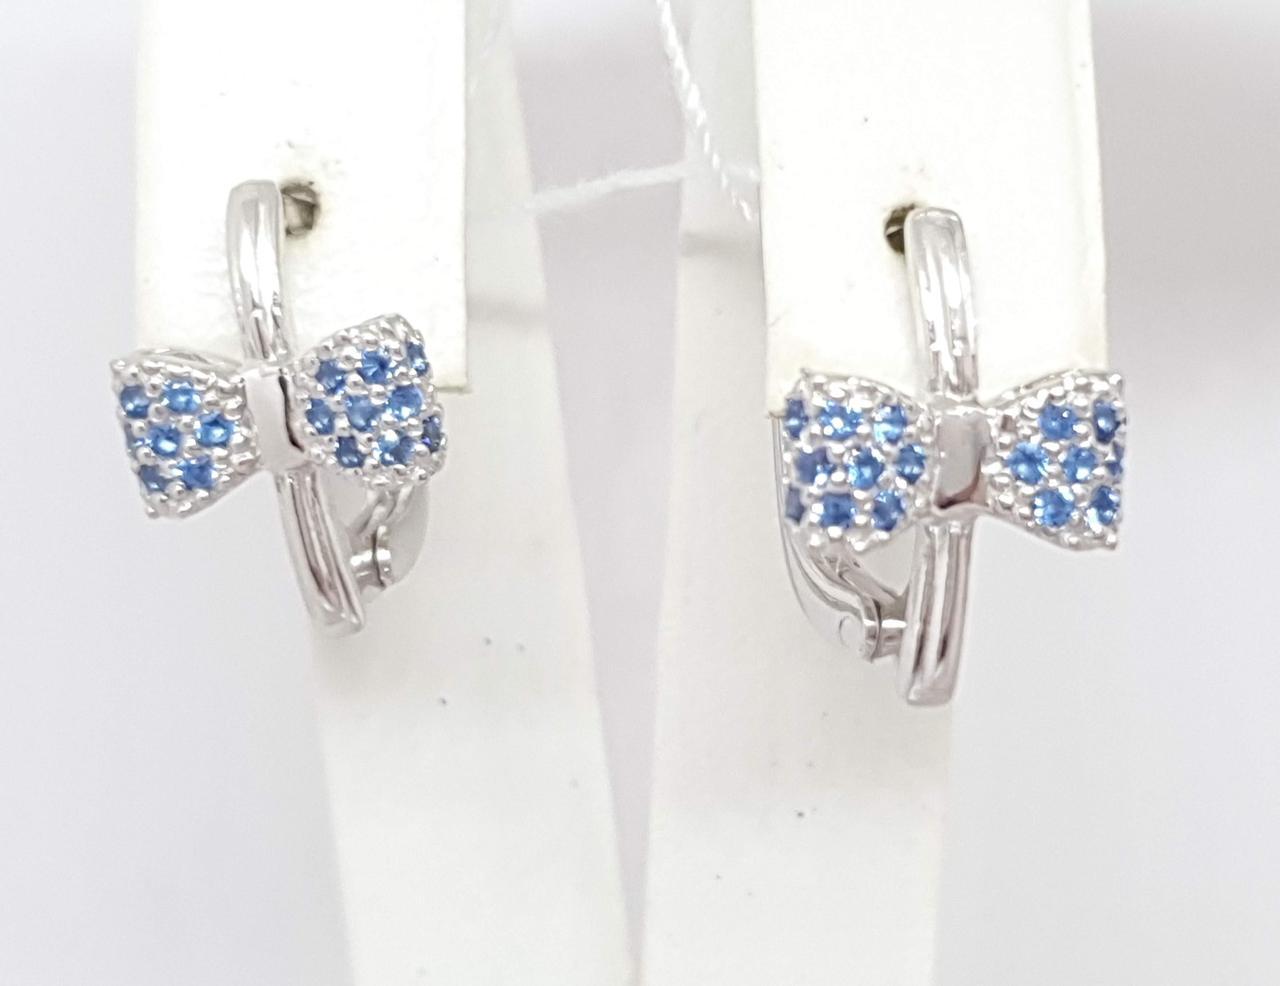 Срібні сережки Бантики з фіанітами. Артикул 20150Р